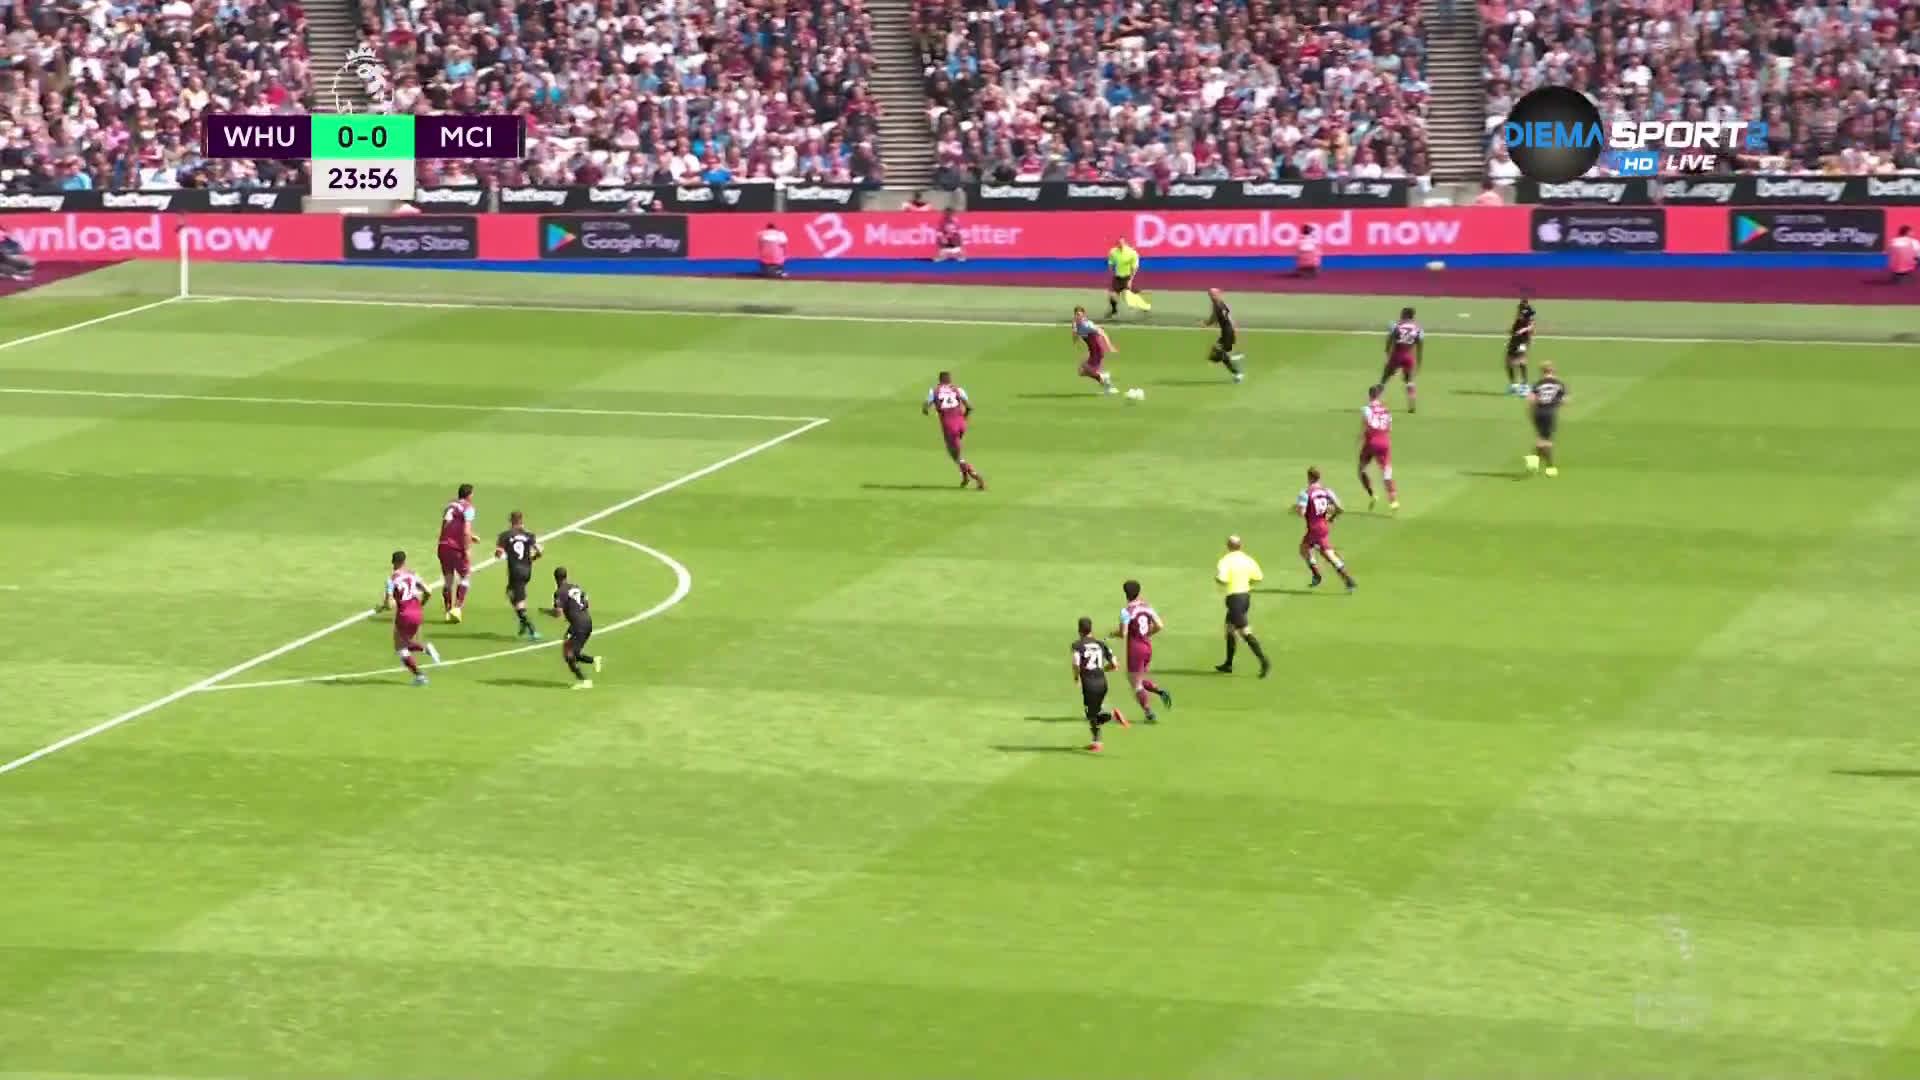 Автогол даде аванс на Манчестър Сити срещу Уест Хем